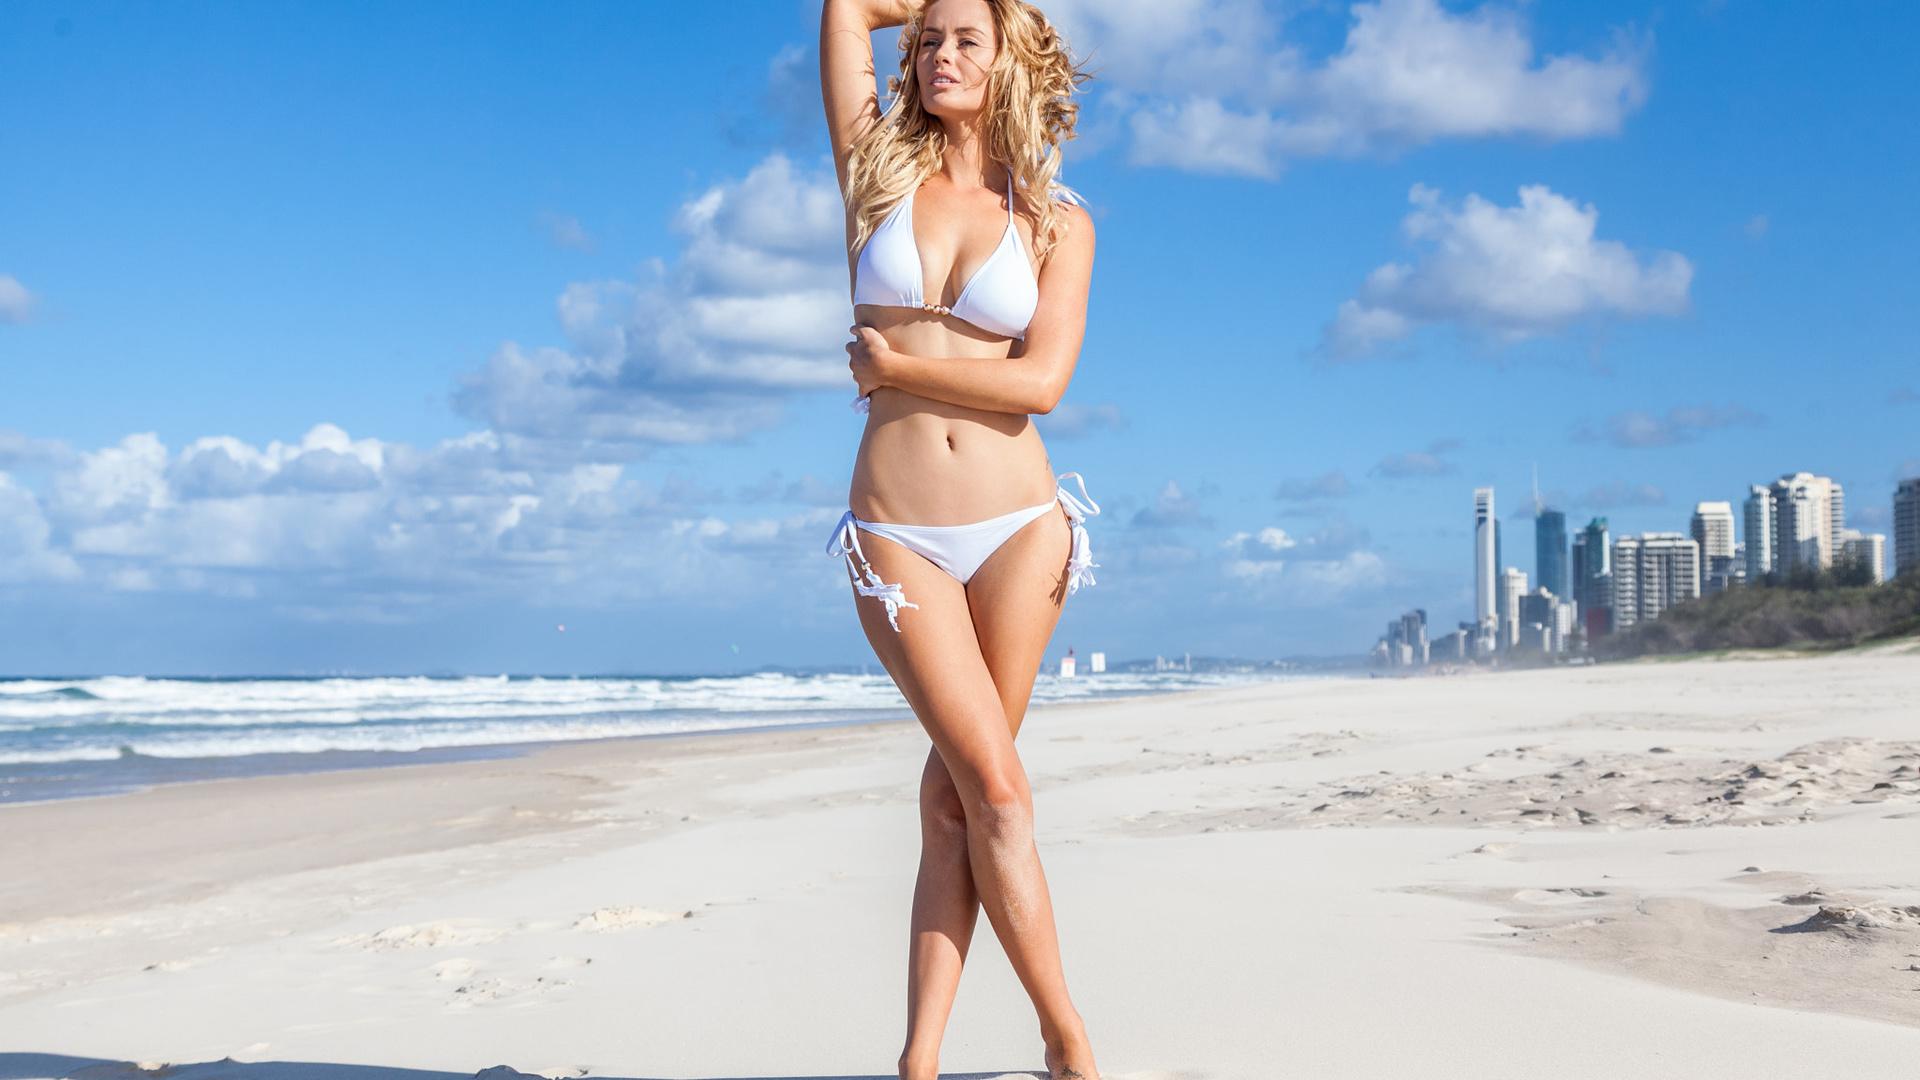 девушка дает на пляжу рот